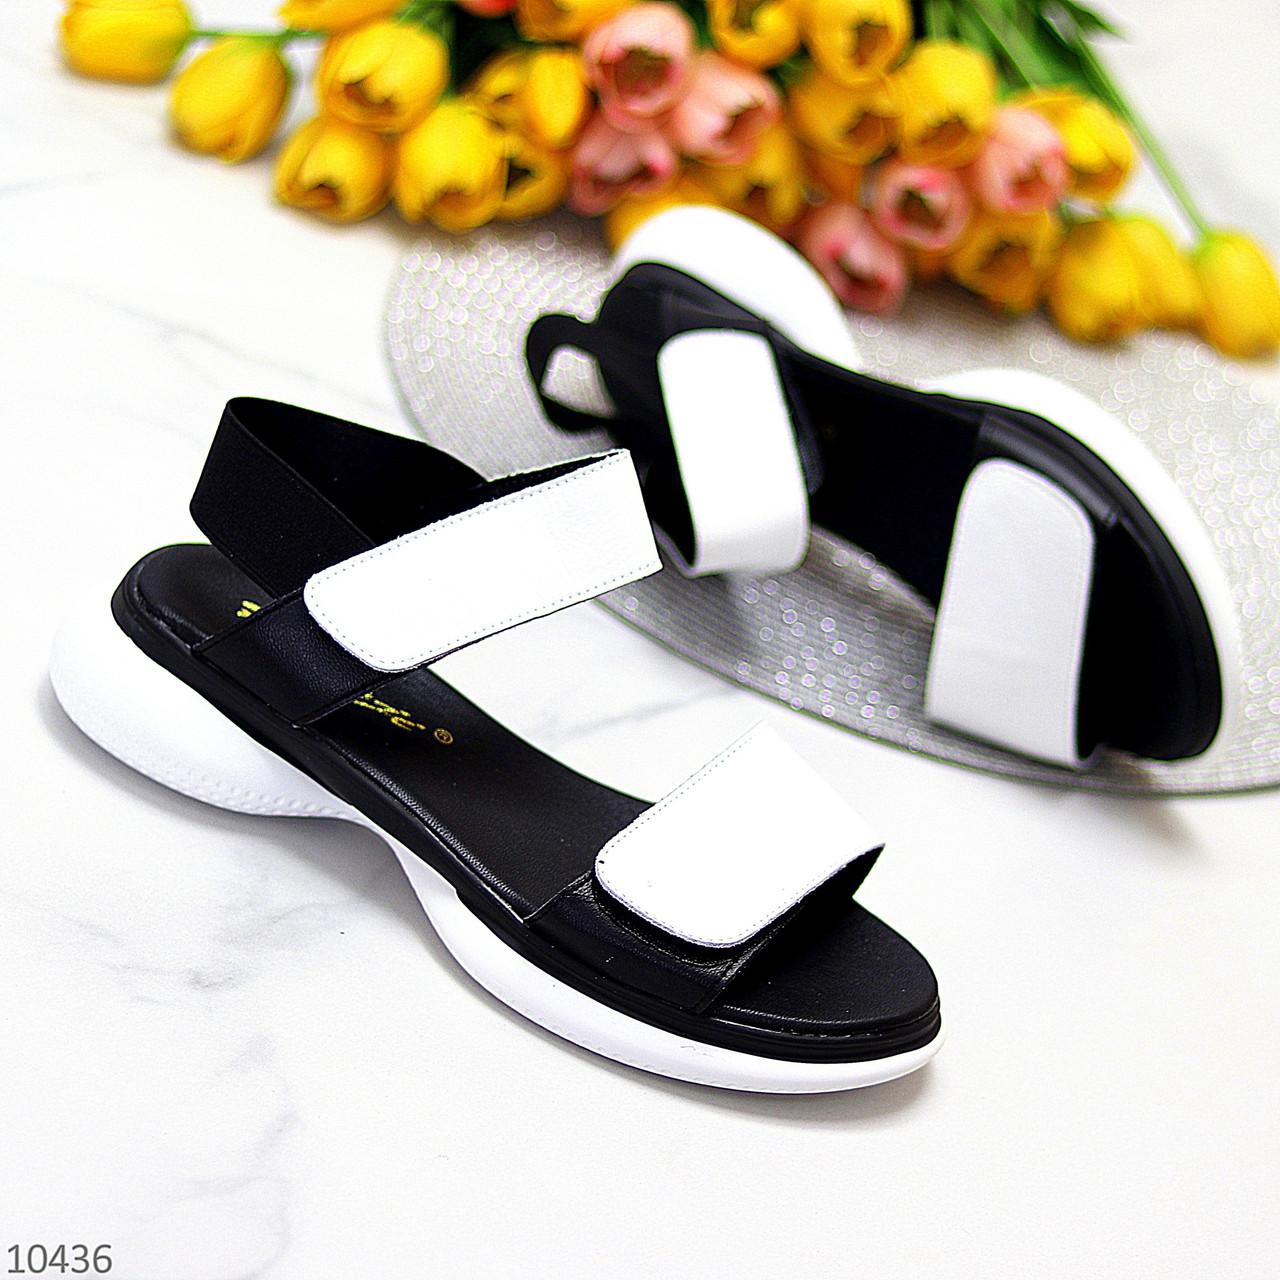 Модельні чорно - білі шкіряні жіночі босоніжки натуральна коду на липучках 36-23см